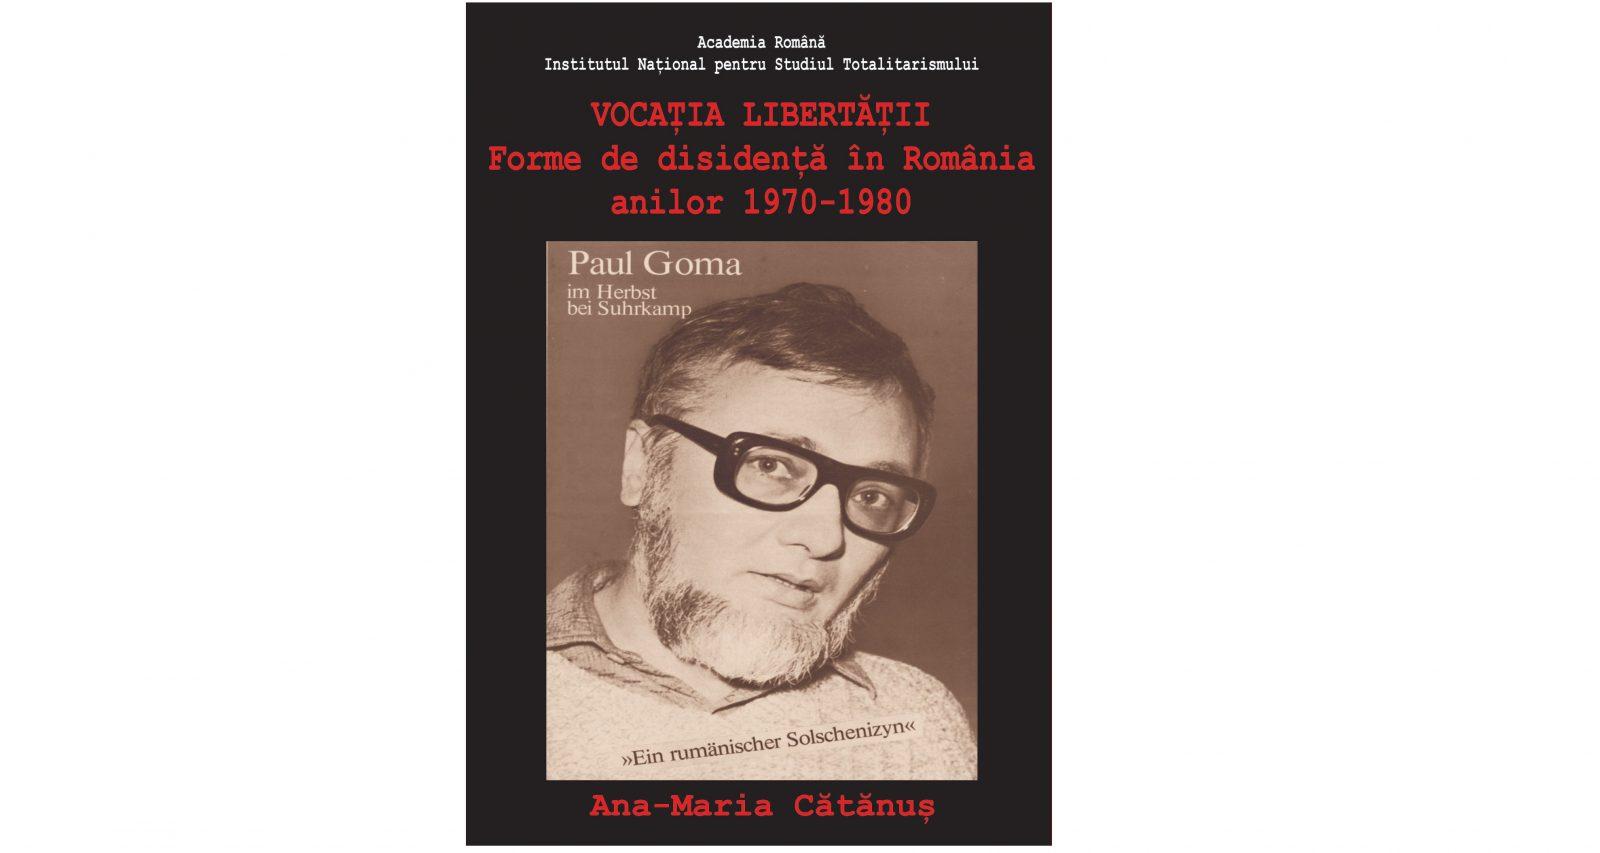 """Lansarea volumului """"Vocația libertății. Forme de disidență în România anilor 1970-1980"""", semnat Ana-Maria Cătănuș"""